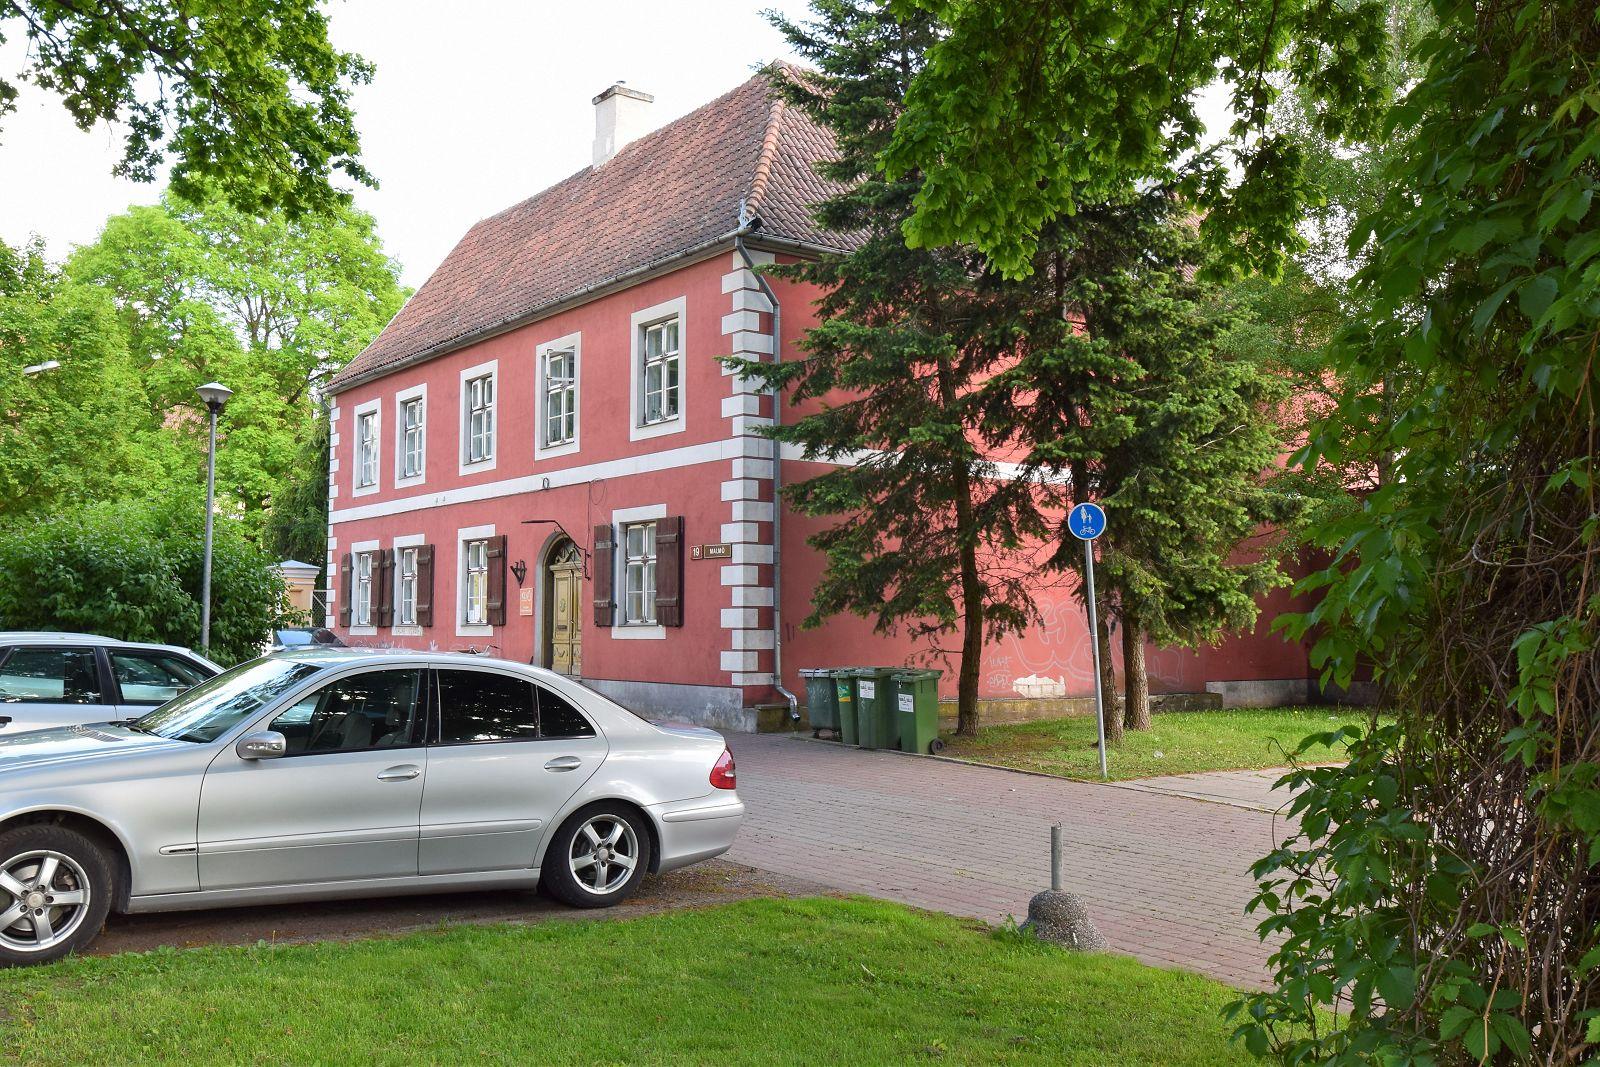 Parken Neben Dem Haus Auf Dem Parkplatz Der Stadt (kostenpflichtig,  Preisliste Gemäß Der Parkraumorganisation Der Stadt). Parkplatz (ohne  Überwachung) Liegt ...